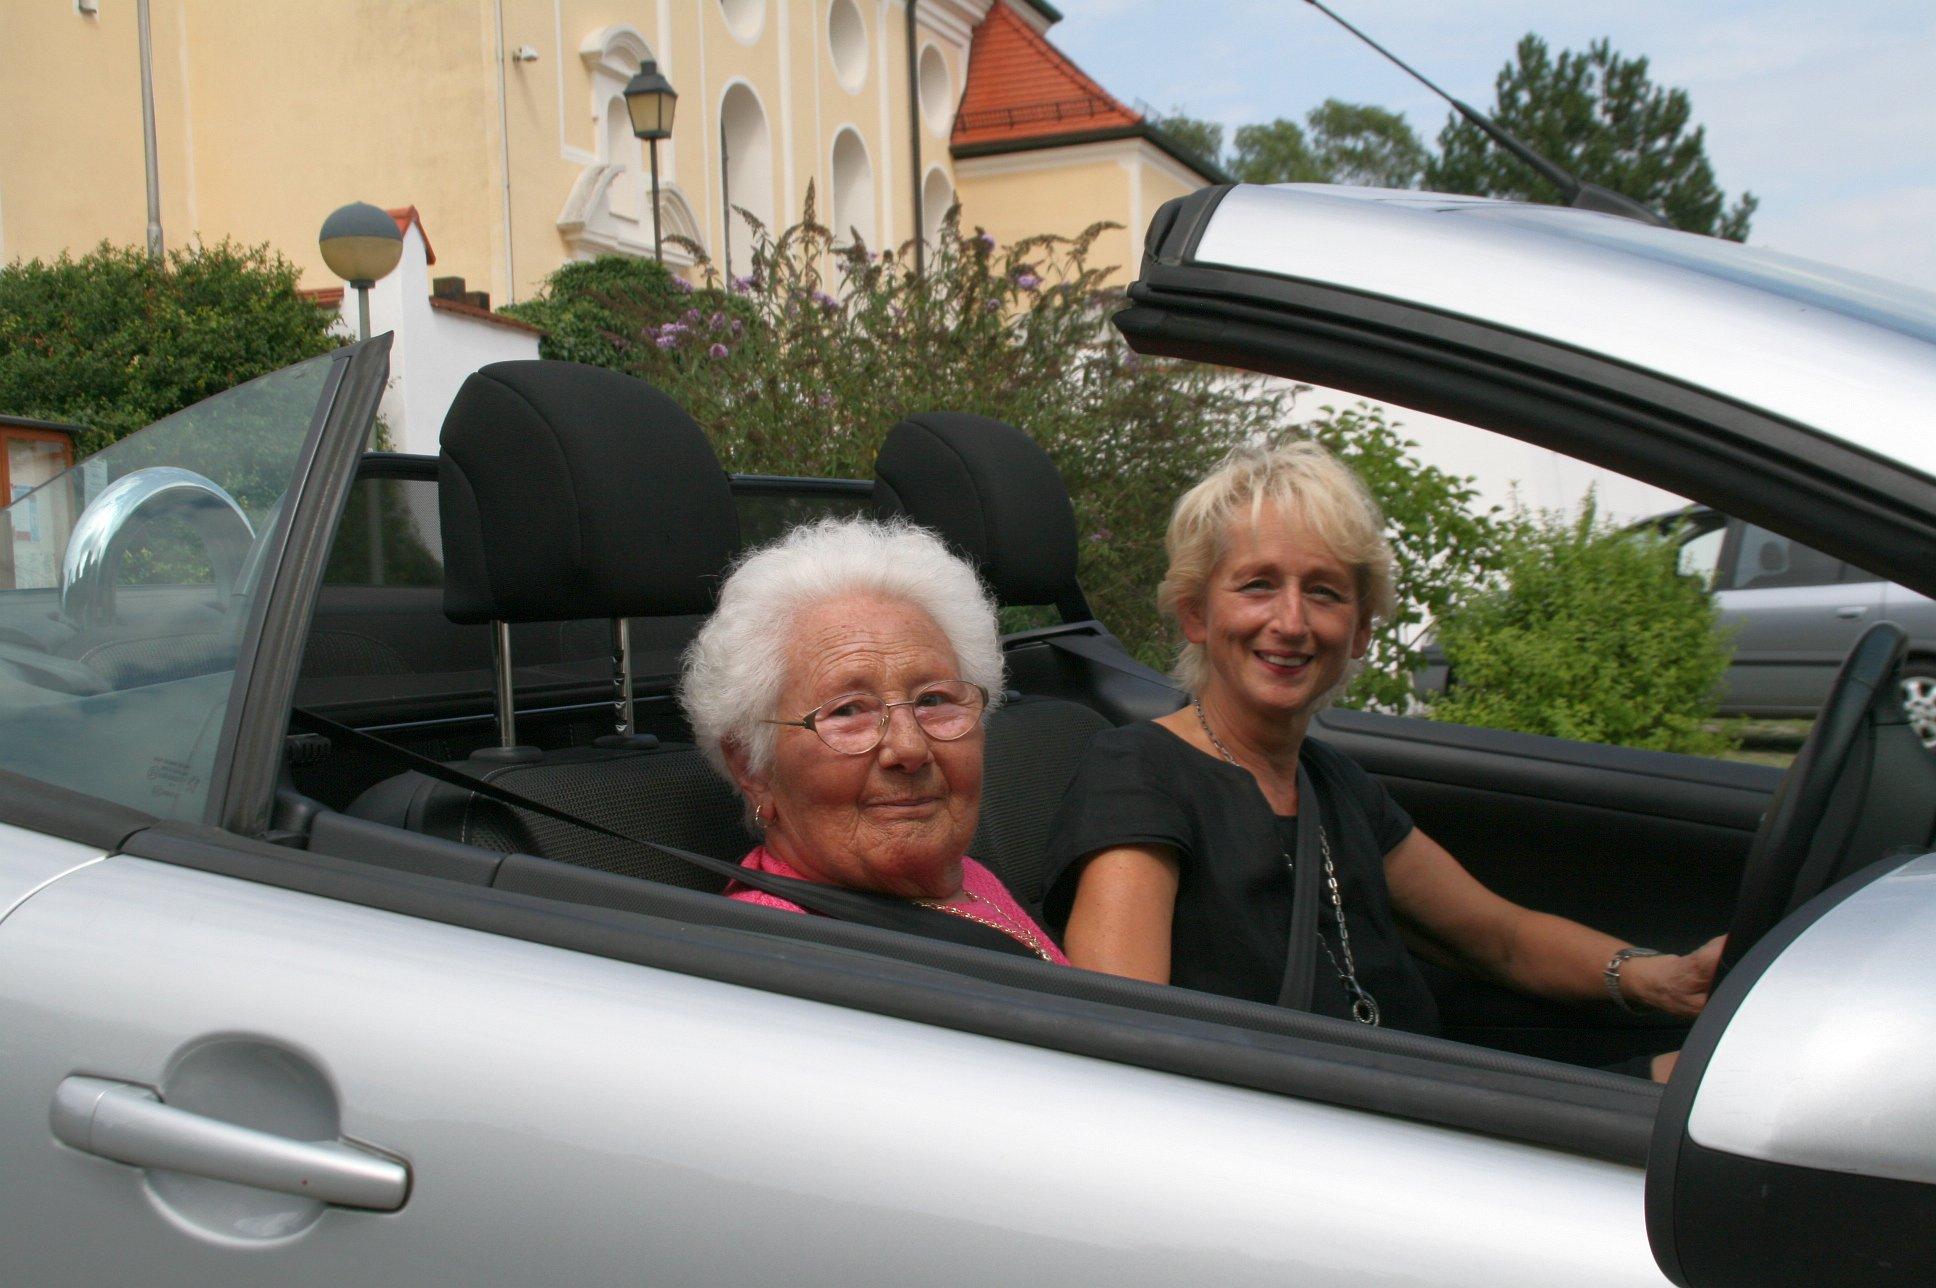 seniorenbetreuung-muenchen-lebensfreude-66-plus-ausfluege